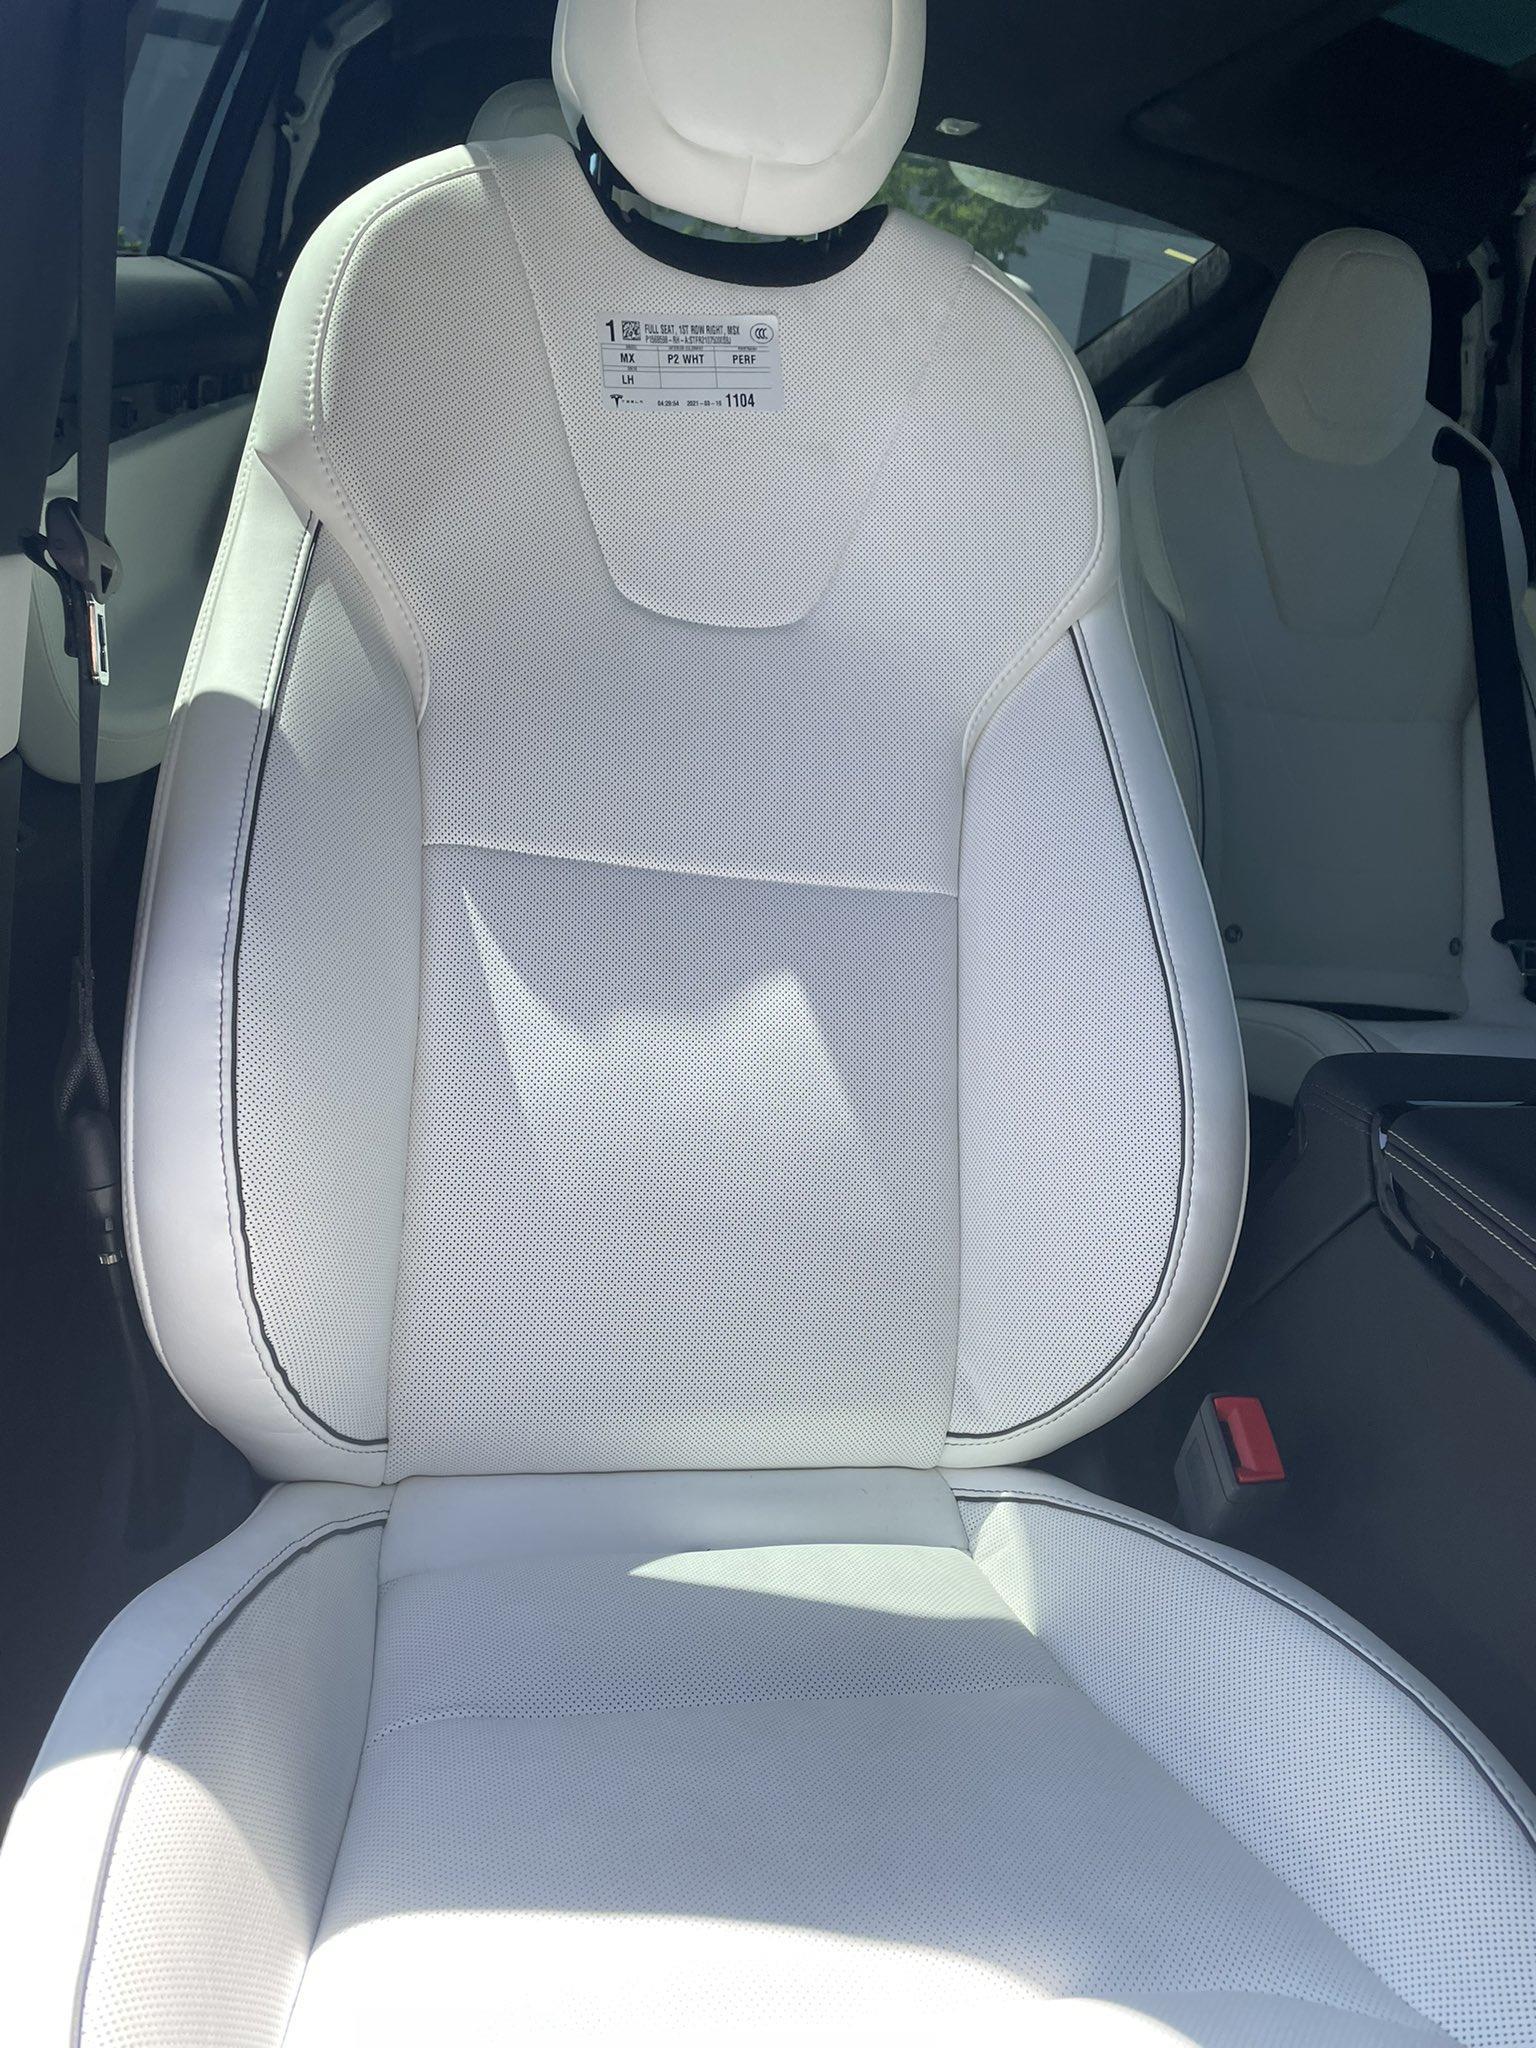 更多新版-Model-S-X-近距離直擊:通風座椅、車內鏡頭、後座螢幕...與更多細節-3